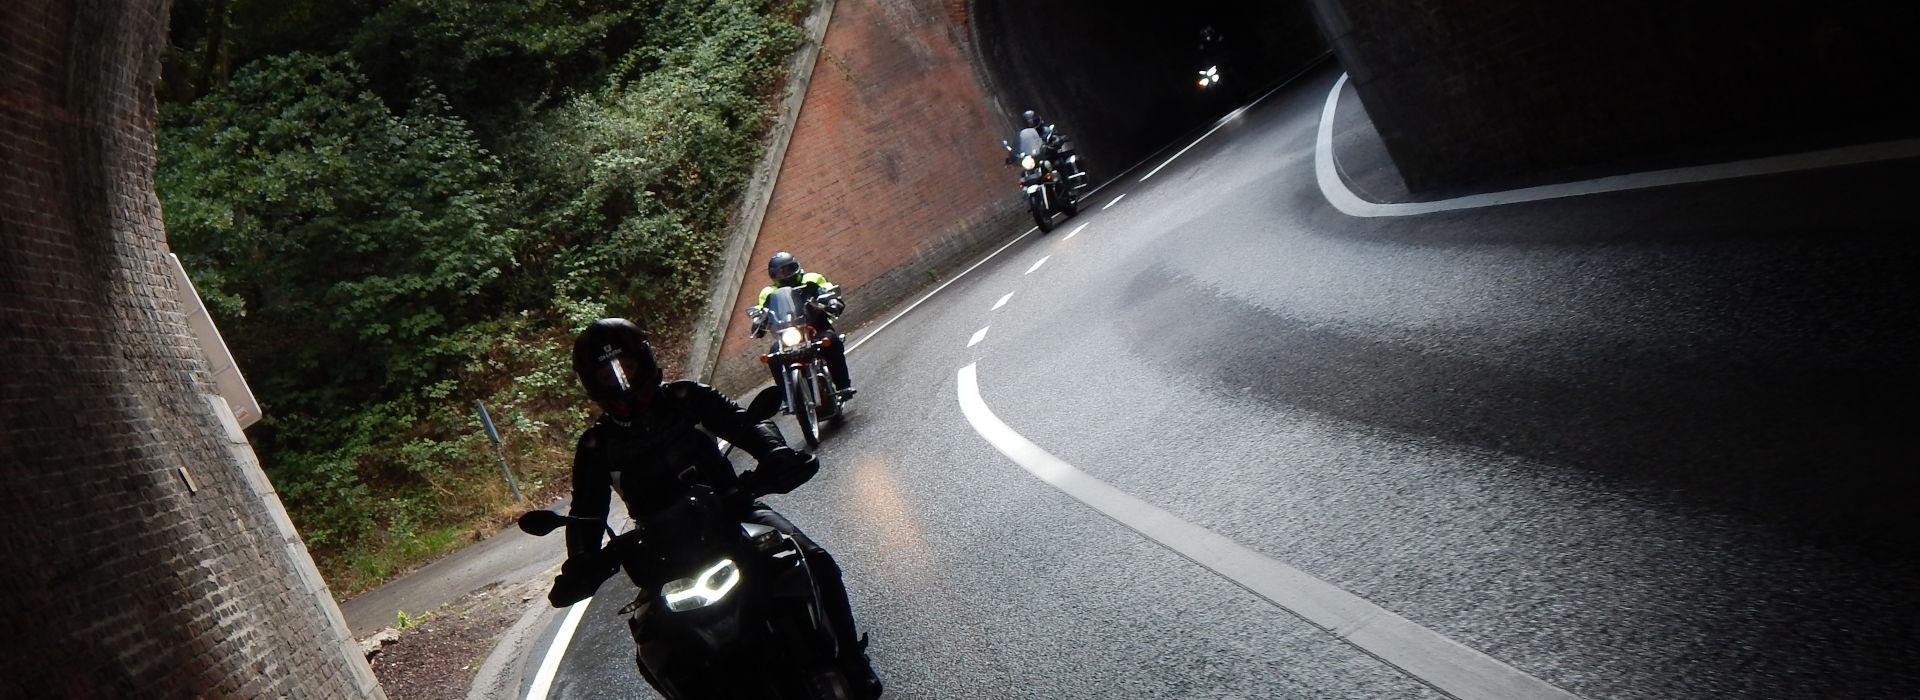 Motorrijbewijspoint Meppel motorrijlessen